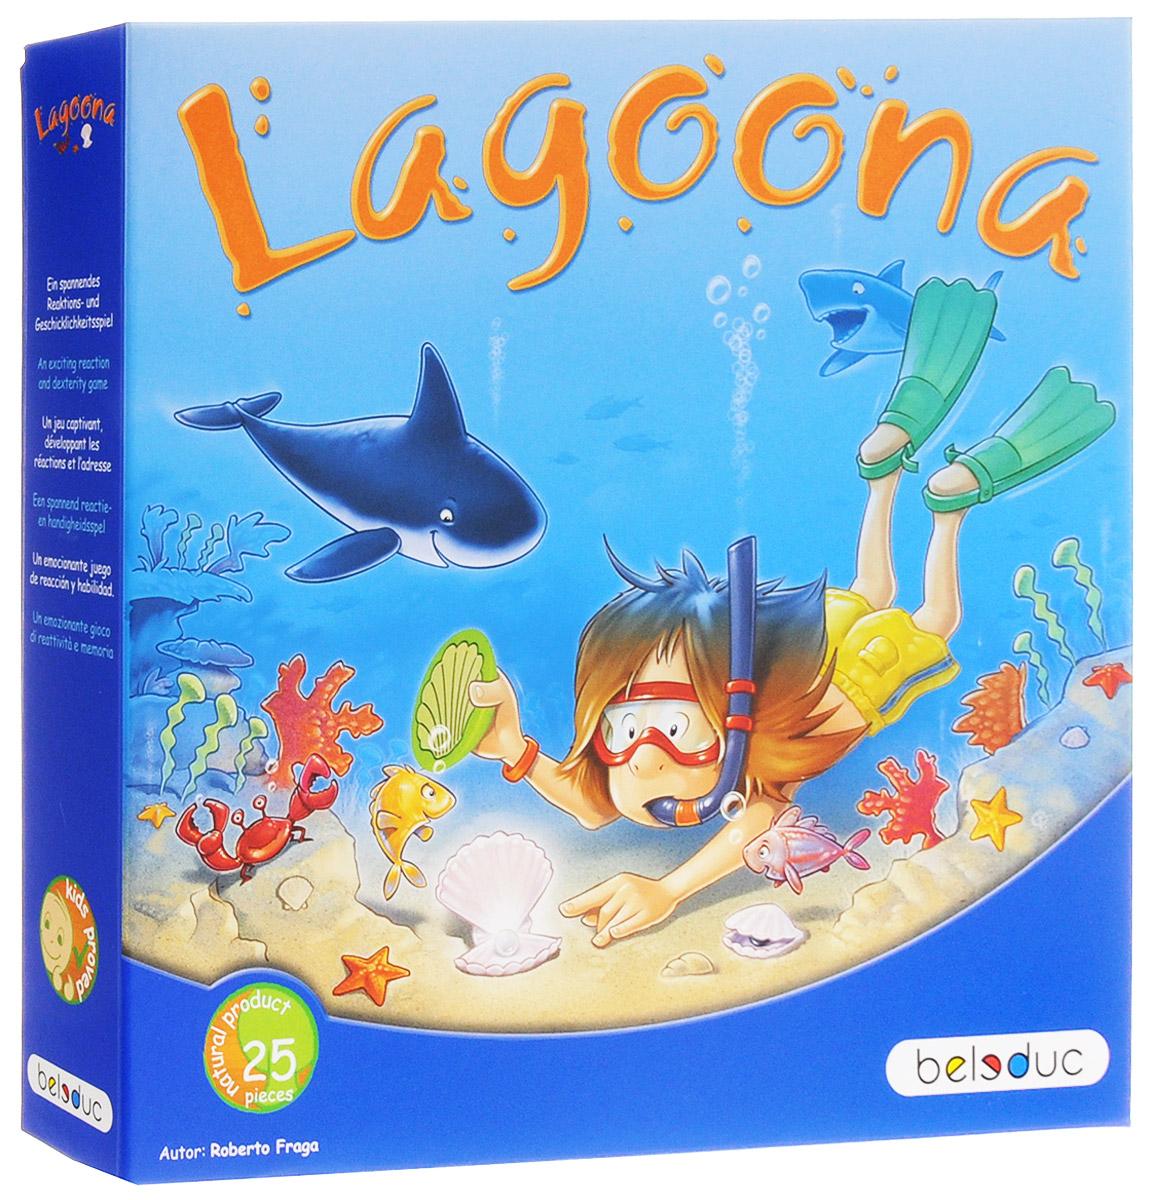 Beleduc Обучающая игра Лагуна22323Обучающая игра Beleduc Лагуна - это интересное увлечение для малышей. С помощью молоточка игроки переворачивают раковины, но если под ними появляются жемчужины, игроки должны смотреть - на какой стороне плавает кит. Кита можно схватить только если совпадают цвета. Игрок, который берет кита, может поместить жемчужину на своей лодке. Игрок, первым собравший 4 жемчужины, становится победителем. Развивающая игра от Beleduc Лагуна вызовет восторг у вашего ребенка, но и поможет ему развиваться и тренировать мелкую моторику, зрительно-тактильное восприятие.